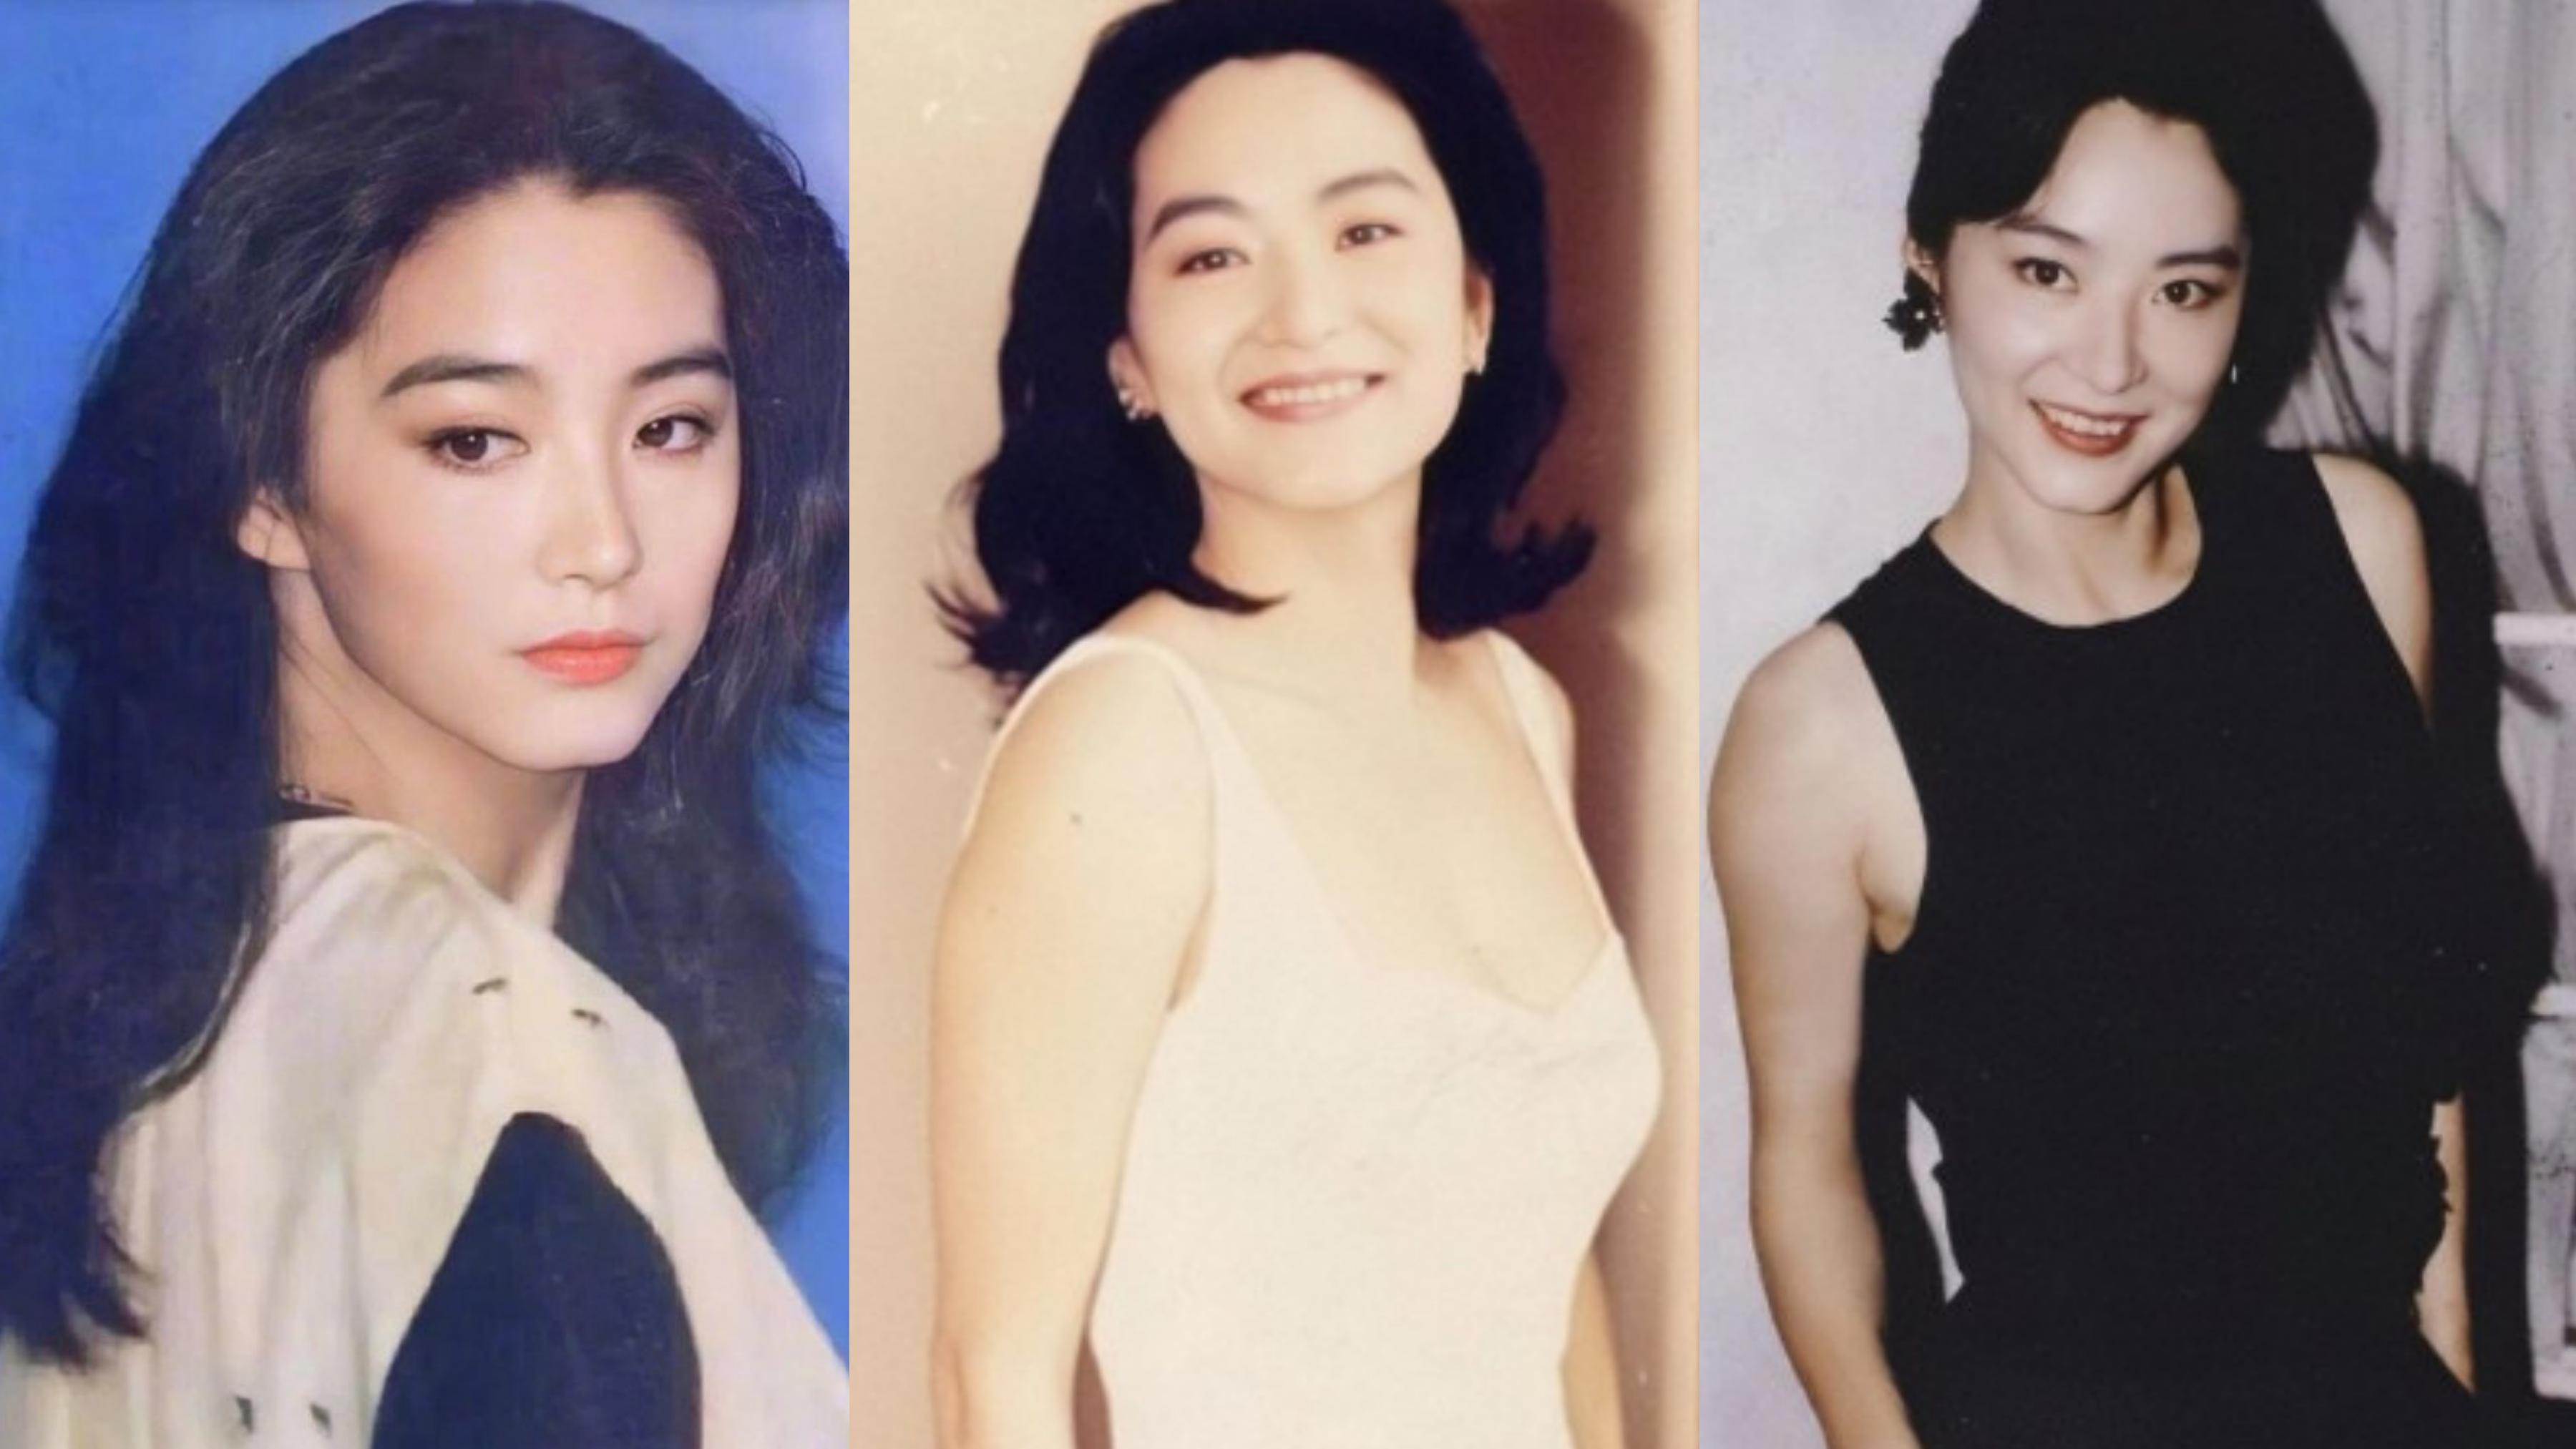 凍齡女神林青霞66歲容貌超驚人